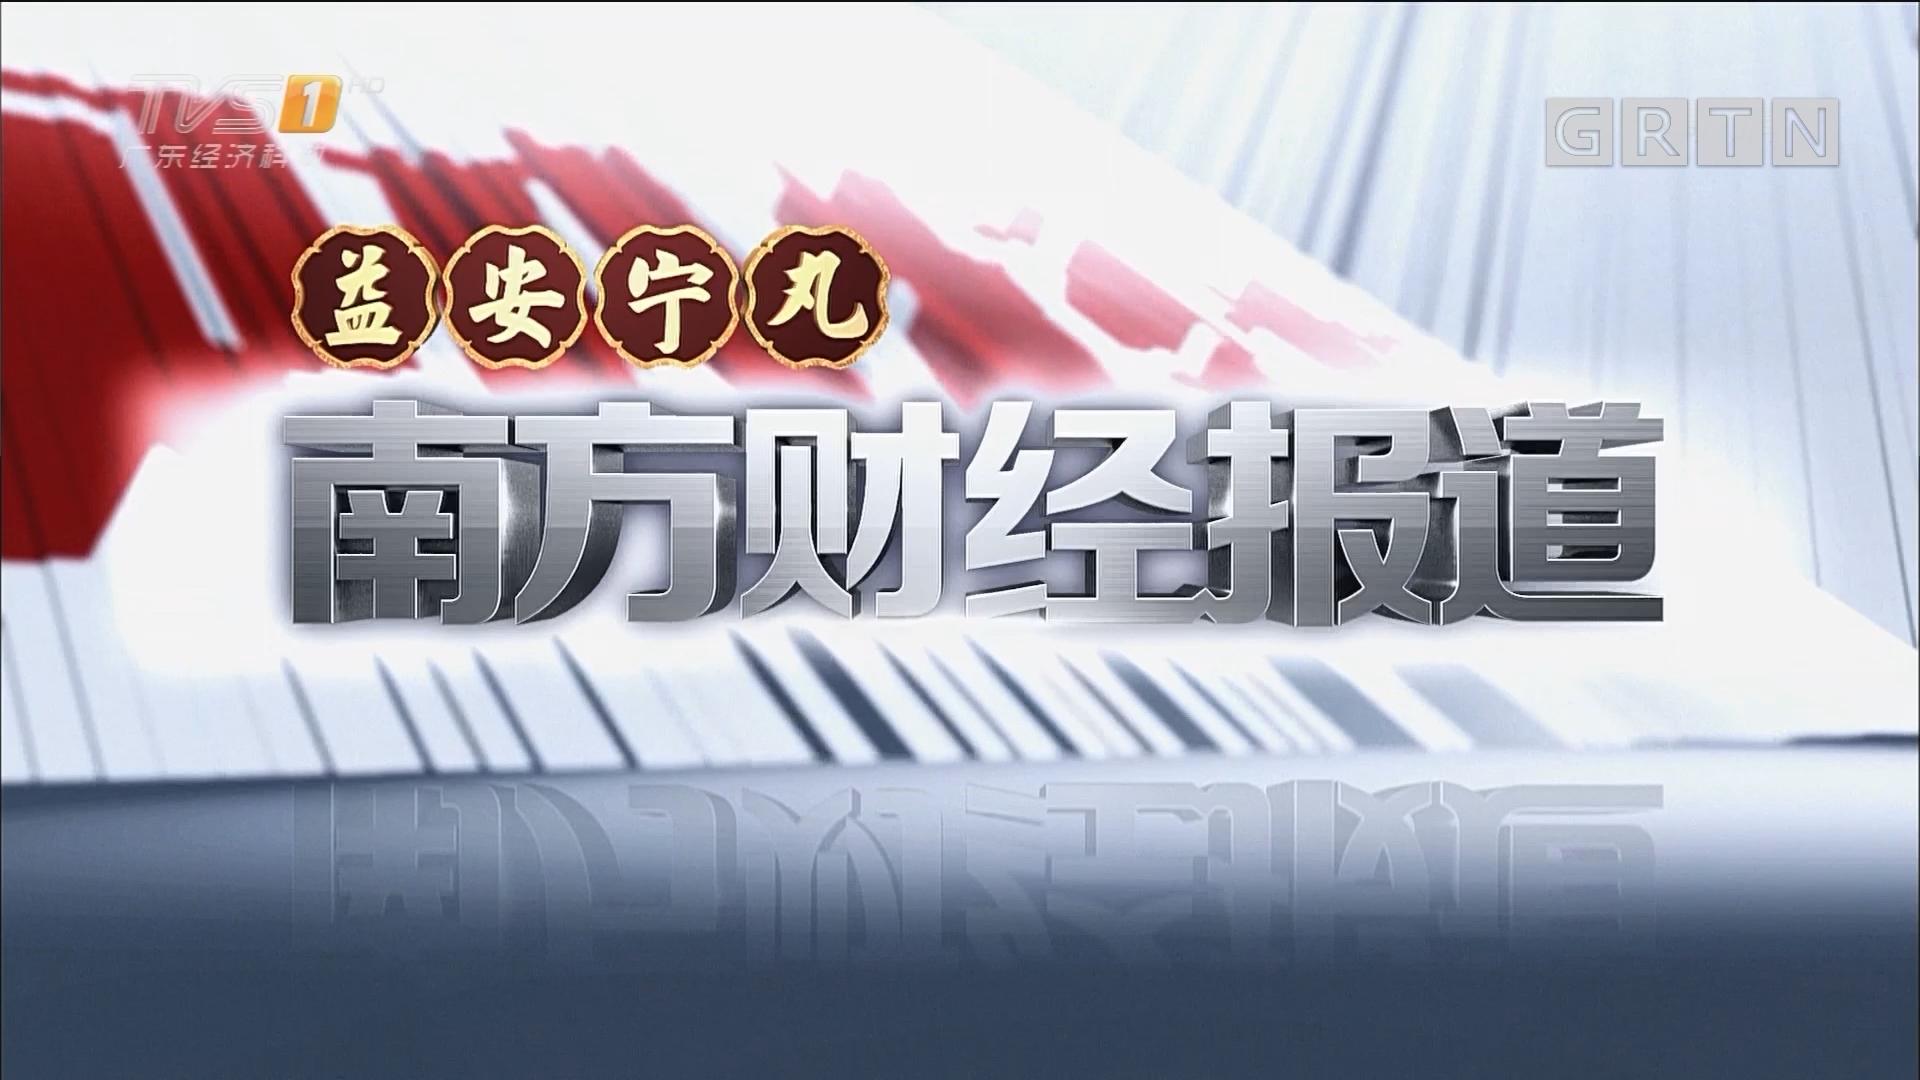 [HD][2018-02-26]南方财经报道:省内最全高铁线路图 未来广深到粤西最快3小时